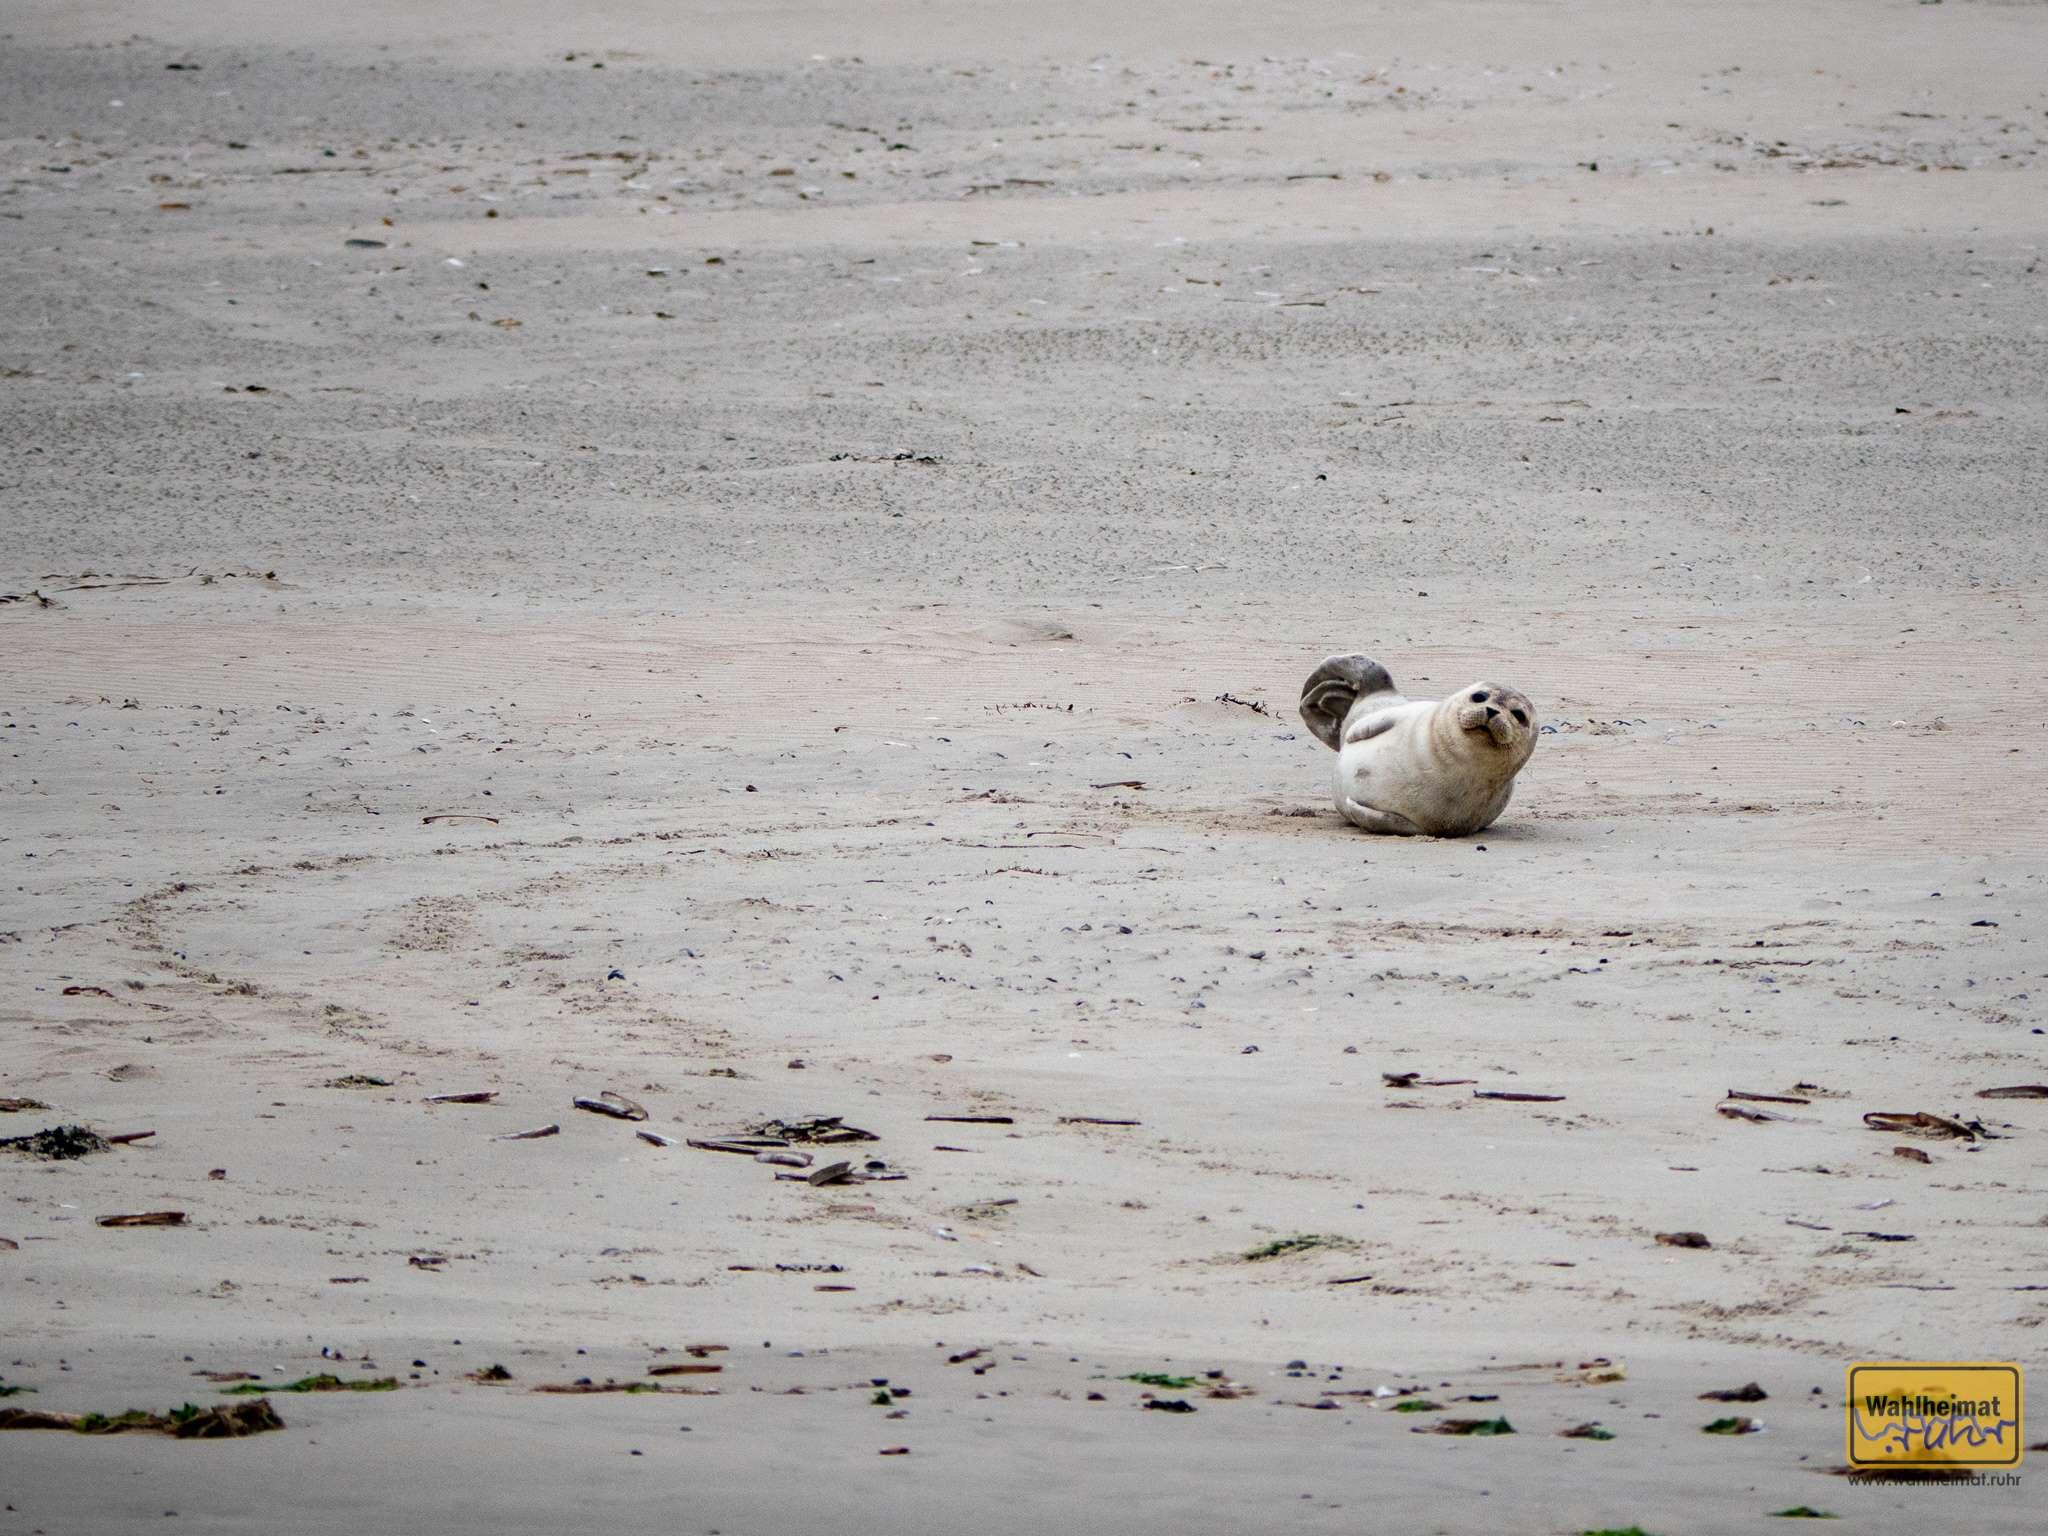 Süß! Der Nachwuchs bei den Seehunden guckt uns mit großen Augen hinterher.